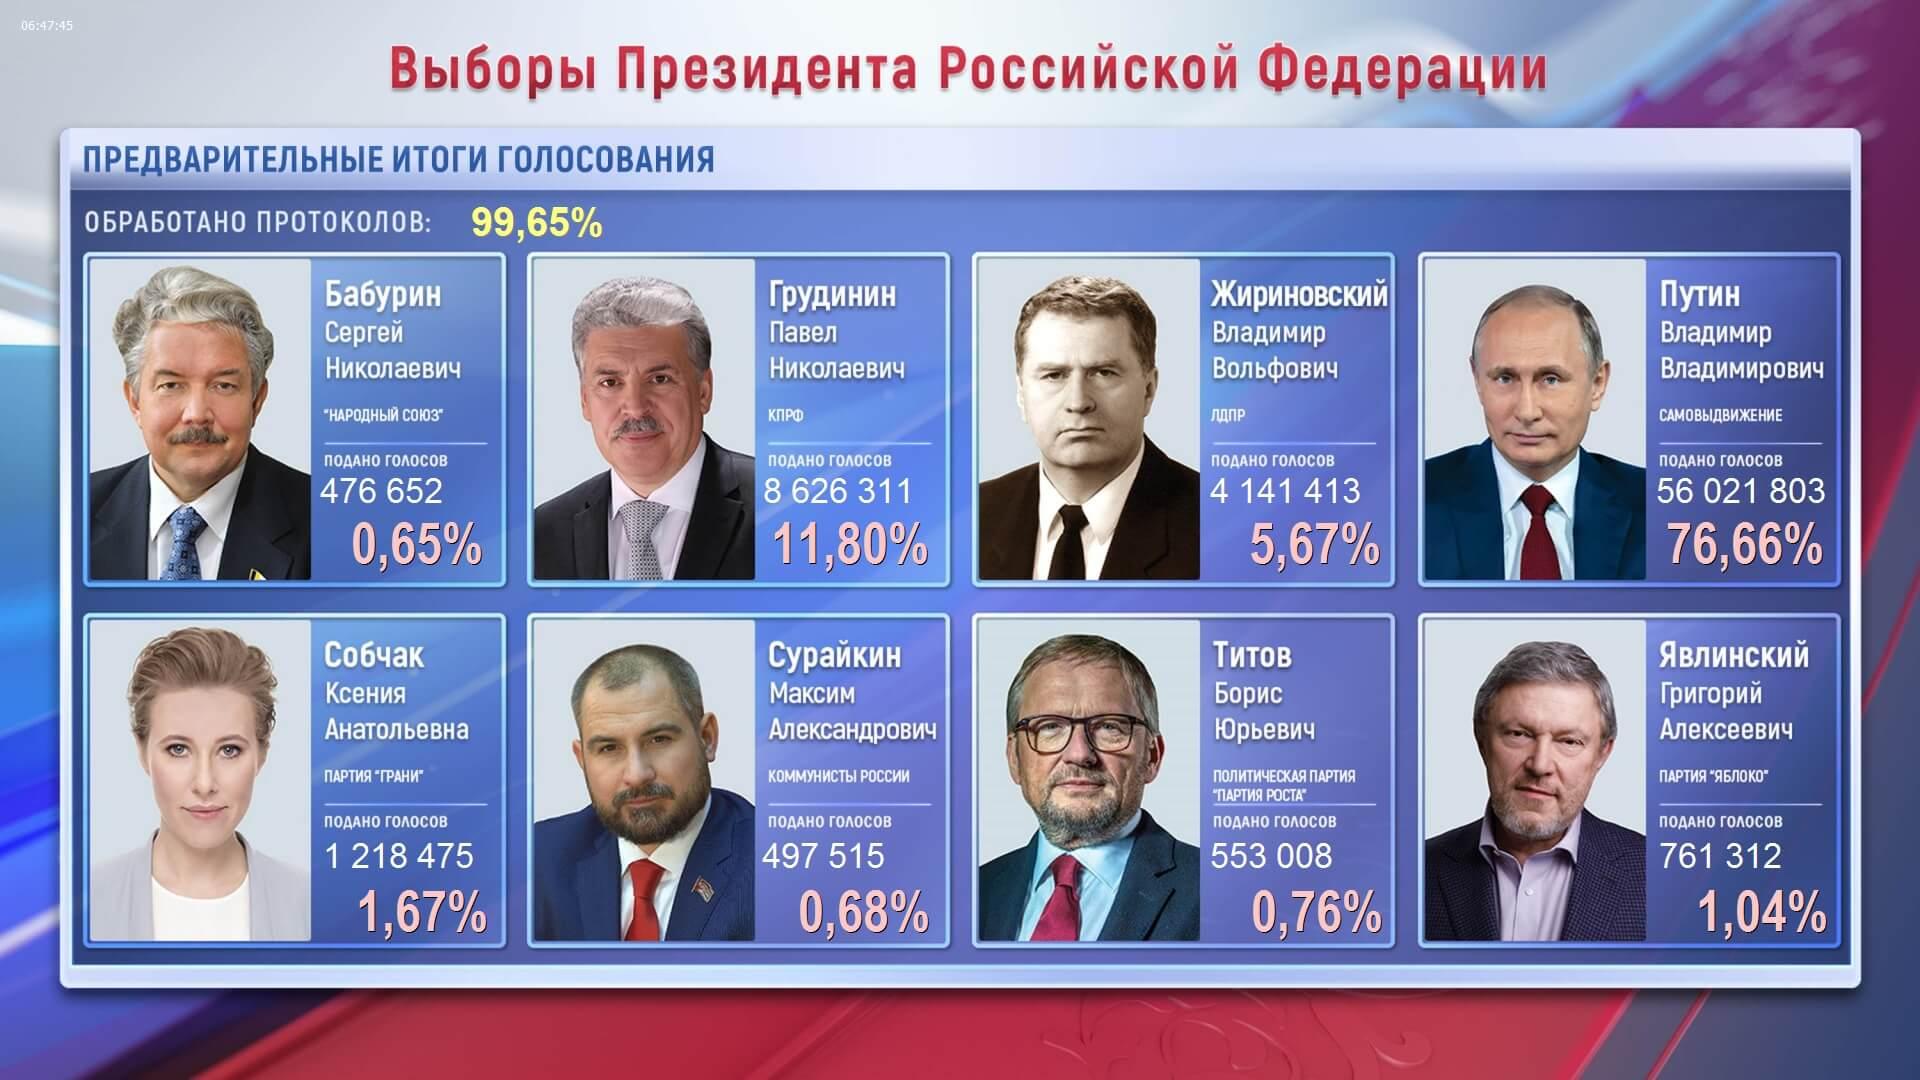 Итоги президентских выборов в России 18 марта 2018 года